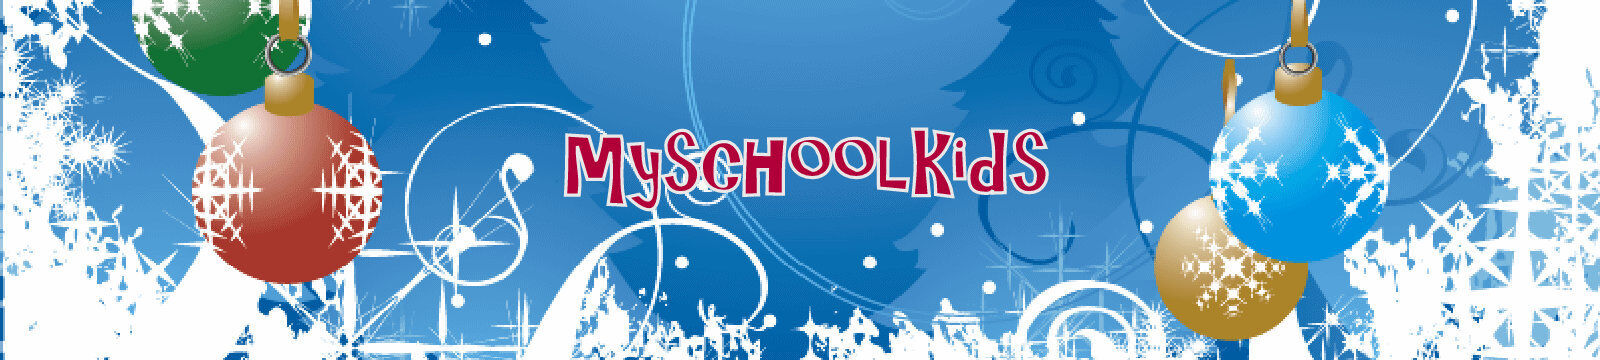 myschoolkids